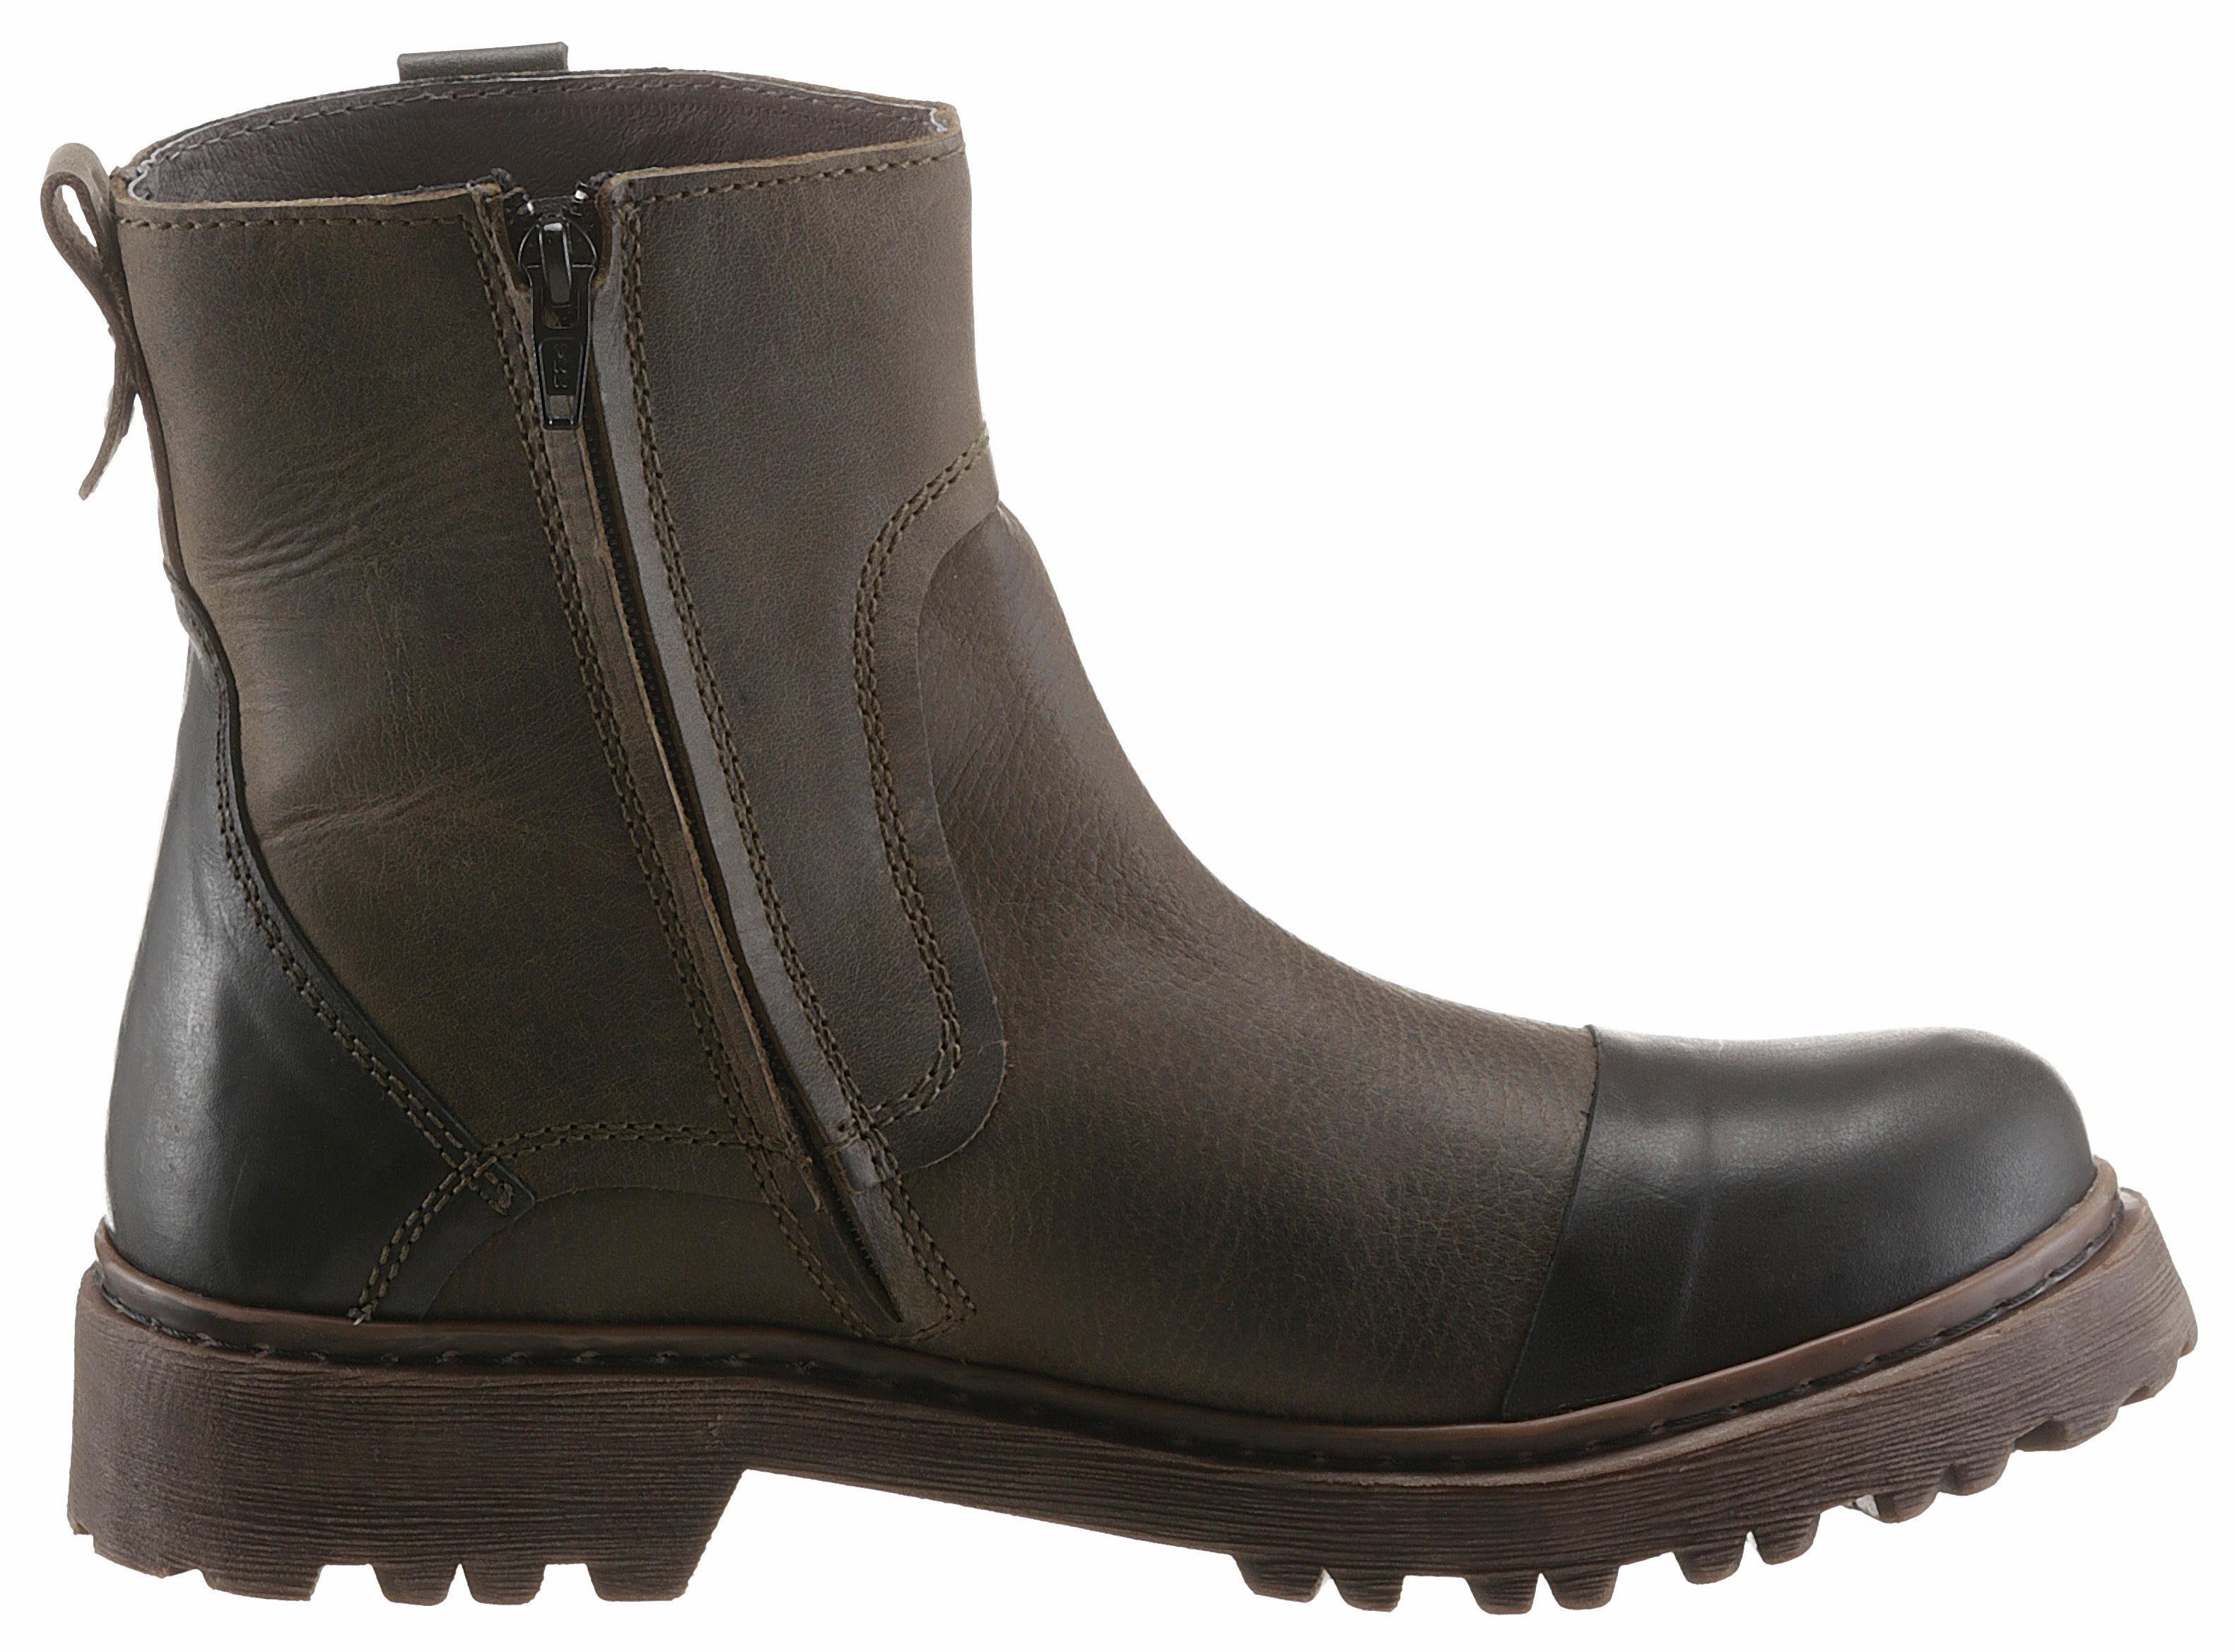 Yellow Cab Stone Stiefel, mit Innenreißverschluss online kaufen  olivgrün